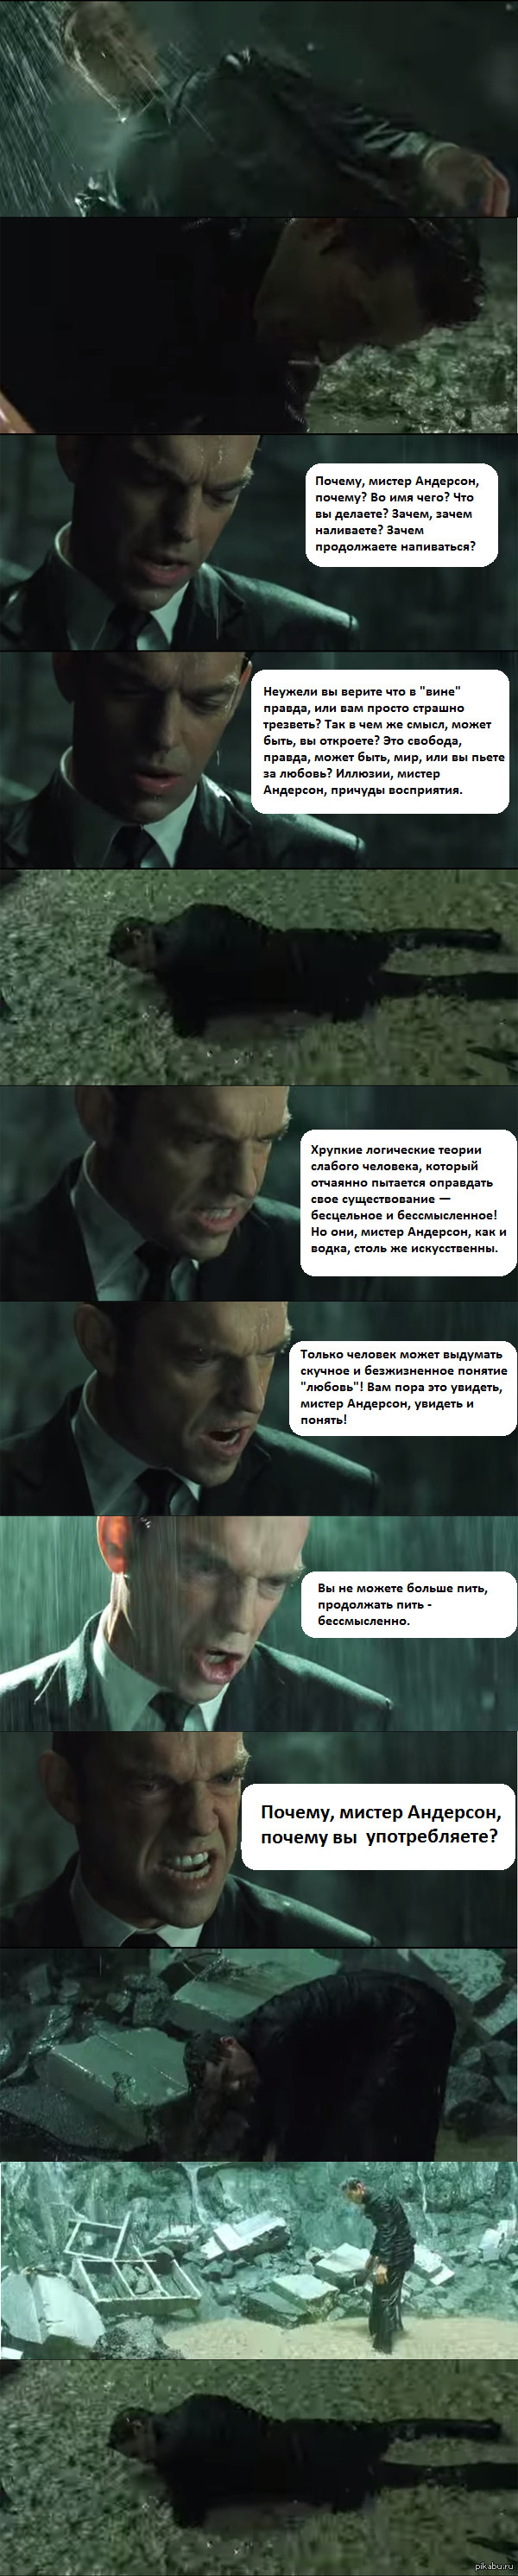 """Продолжение серии постов Тоже решил немного изменить концовку. <a href=""""http://pikabu.ru/story/agent_smit_2796654"""">http://pikabu.ru/story/_2796654</a>"""